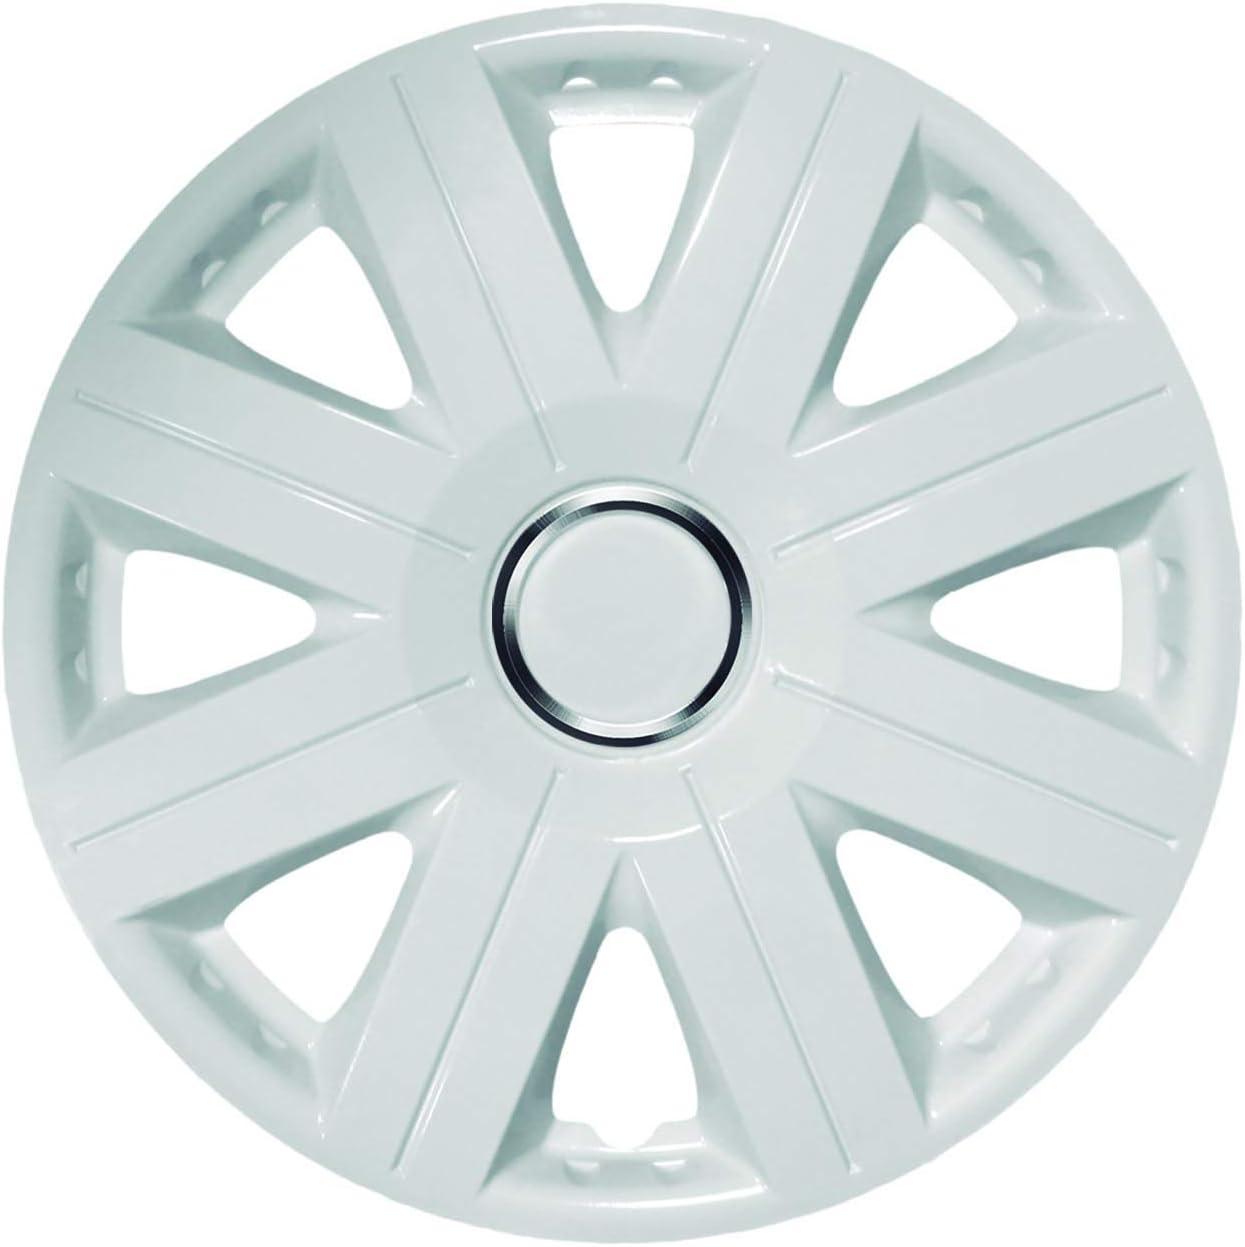 para Llanta 16 1102.0000479 Juego de 4 Tapacubos KRAWEHL Modelo Cosmos Ref Color Blanco AZ